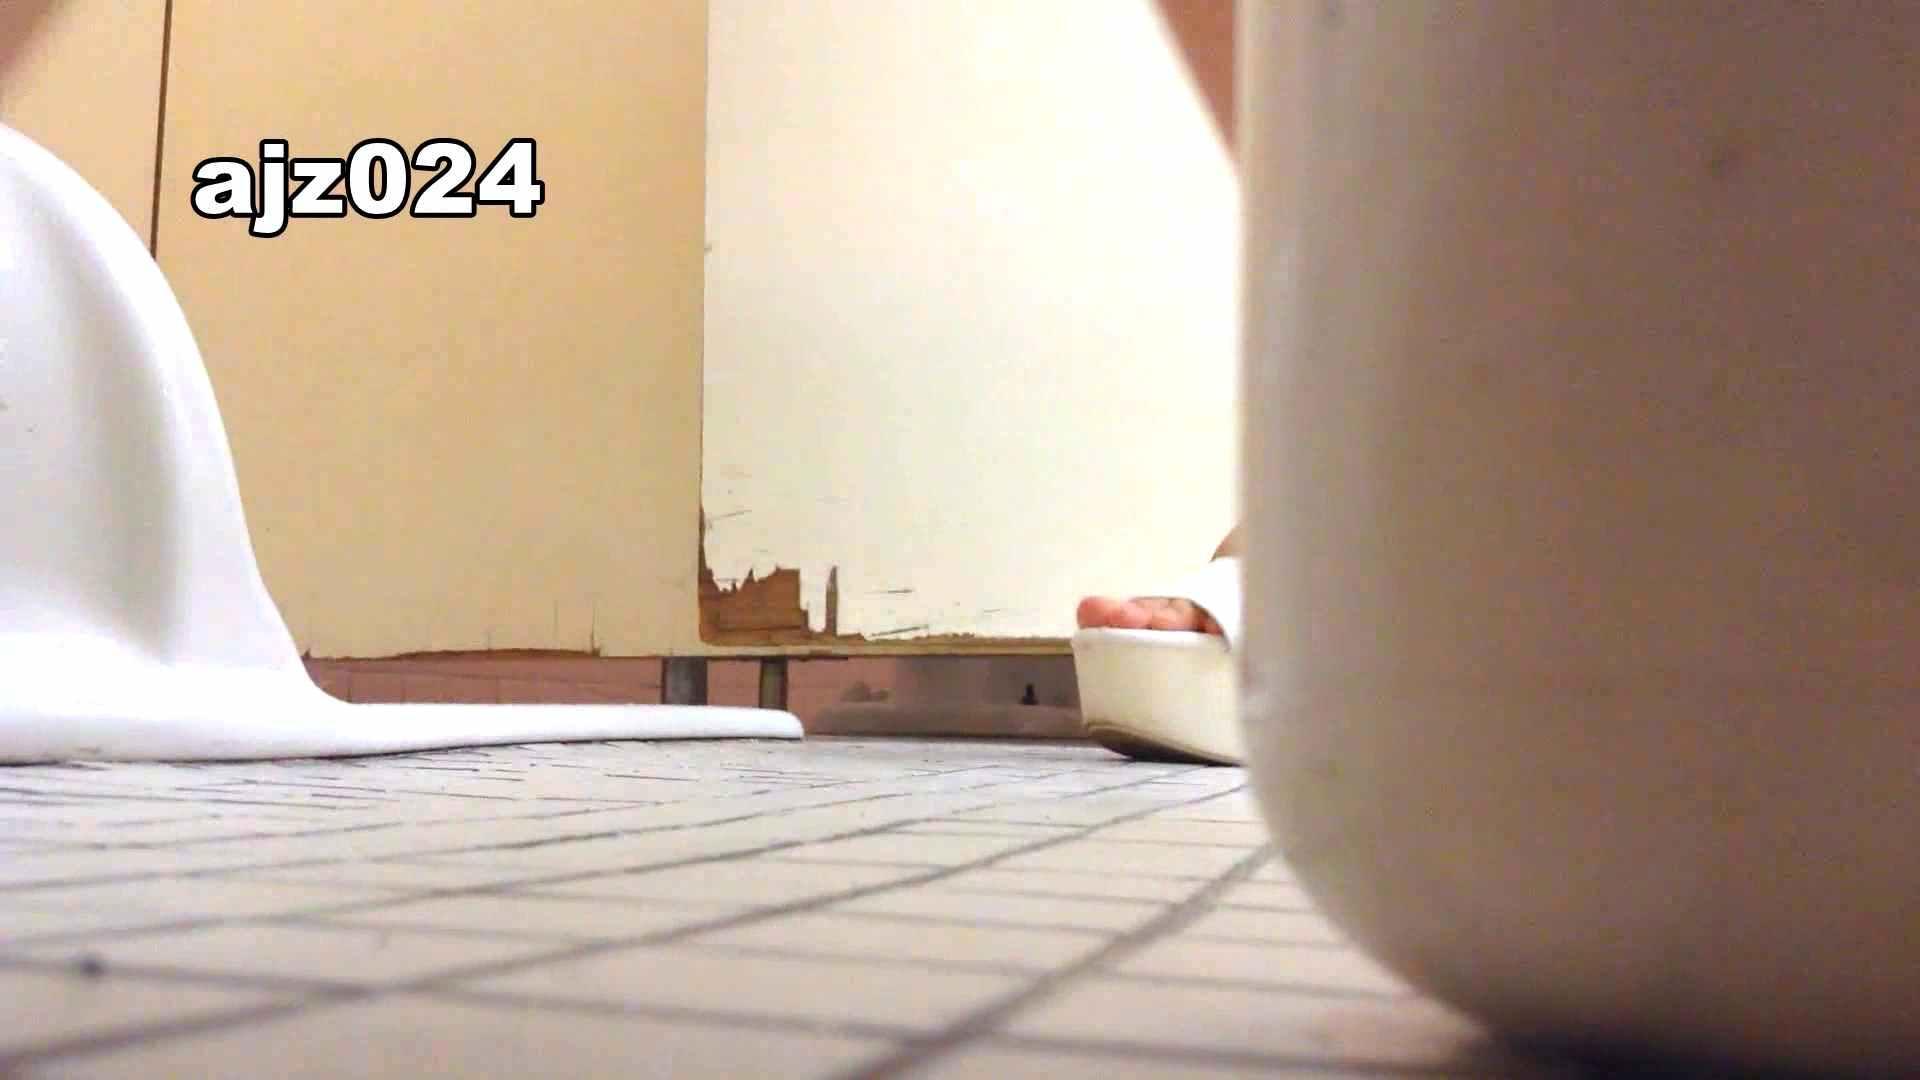 某有名大学女性洗面所 vol.24 洗面所突入 性交動画流出 73pic 67